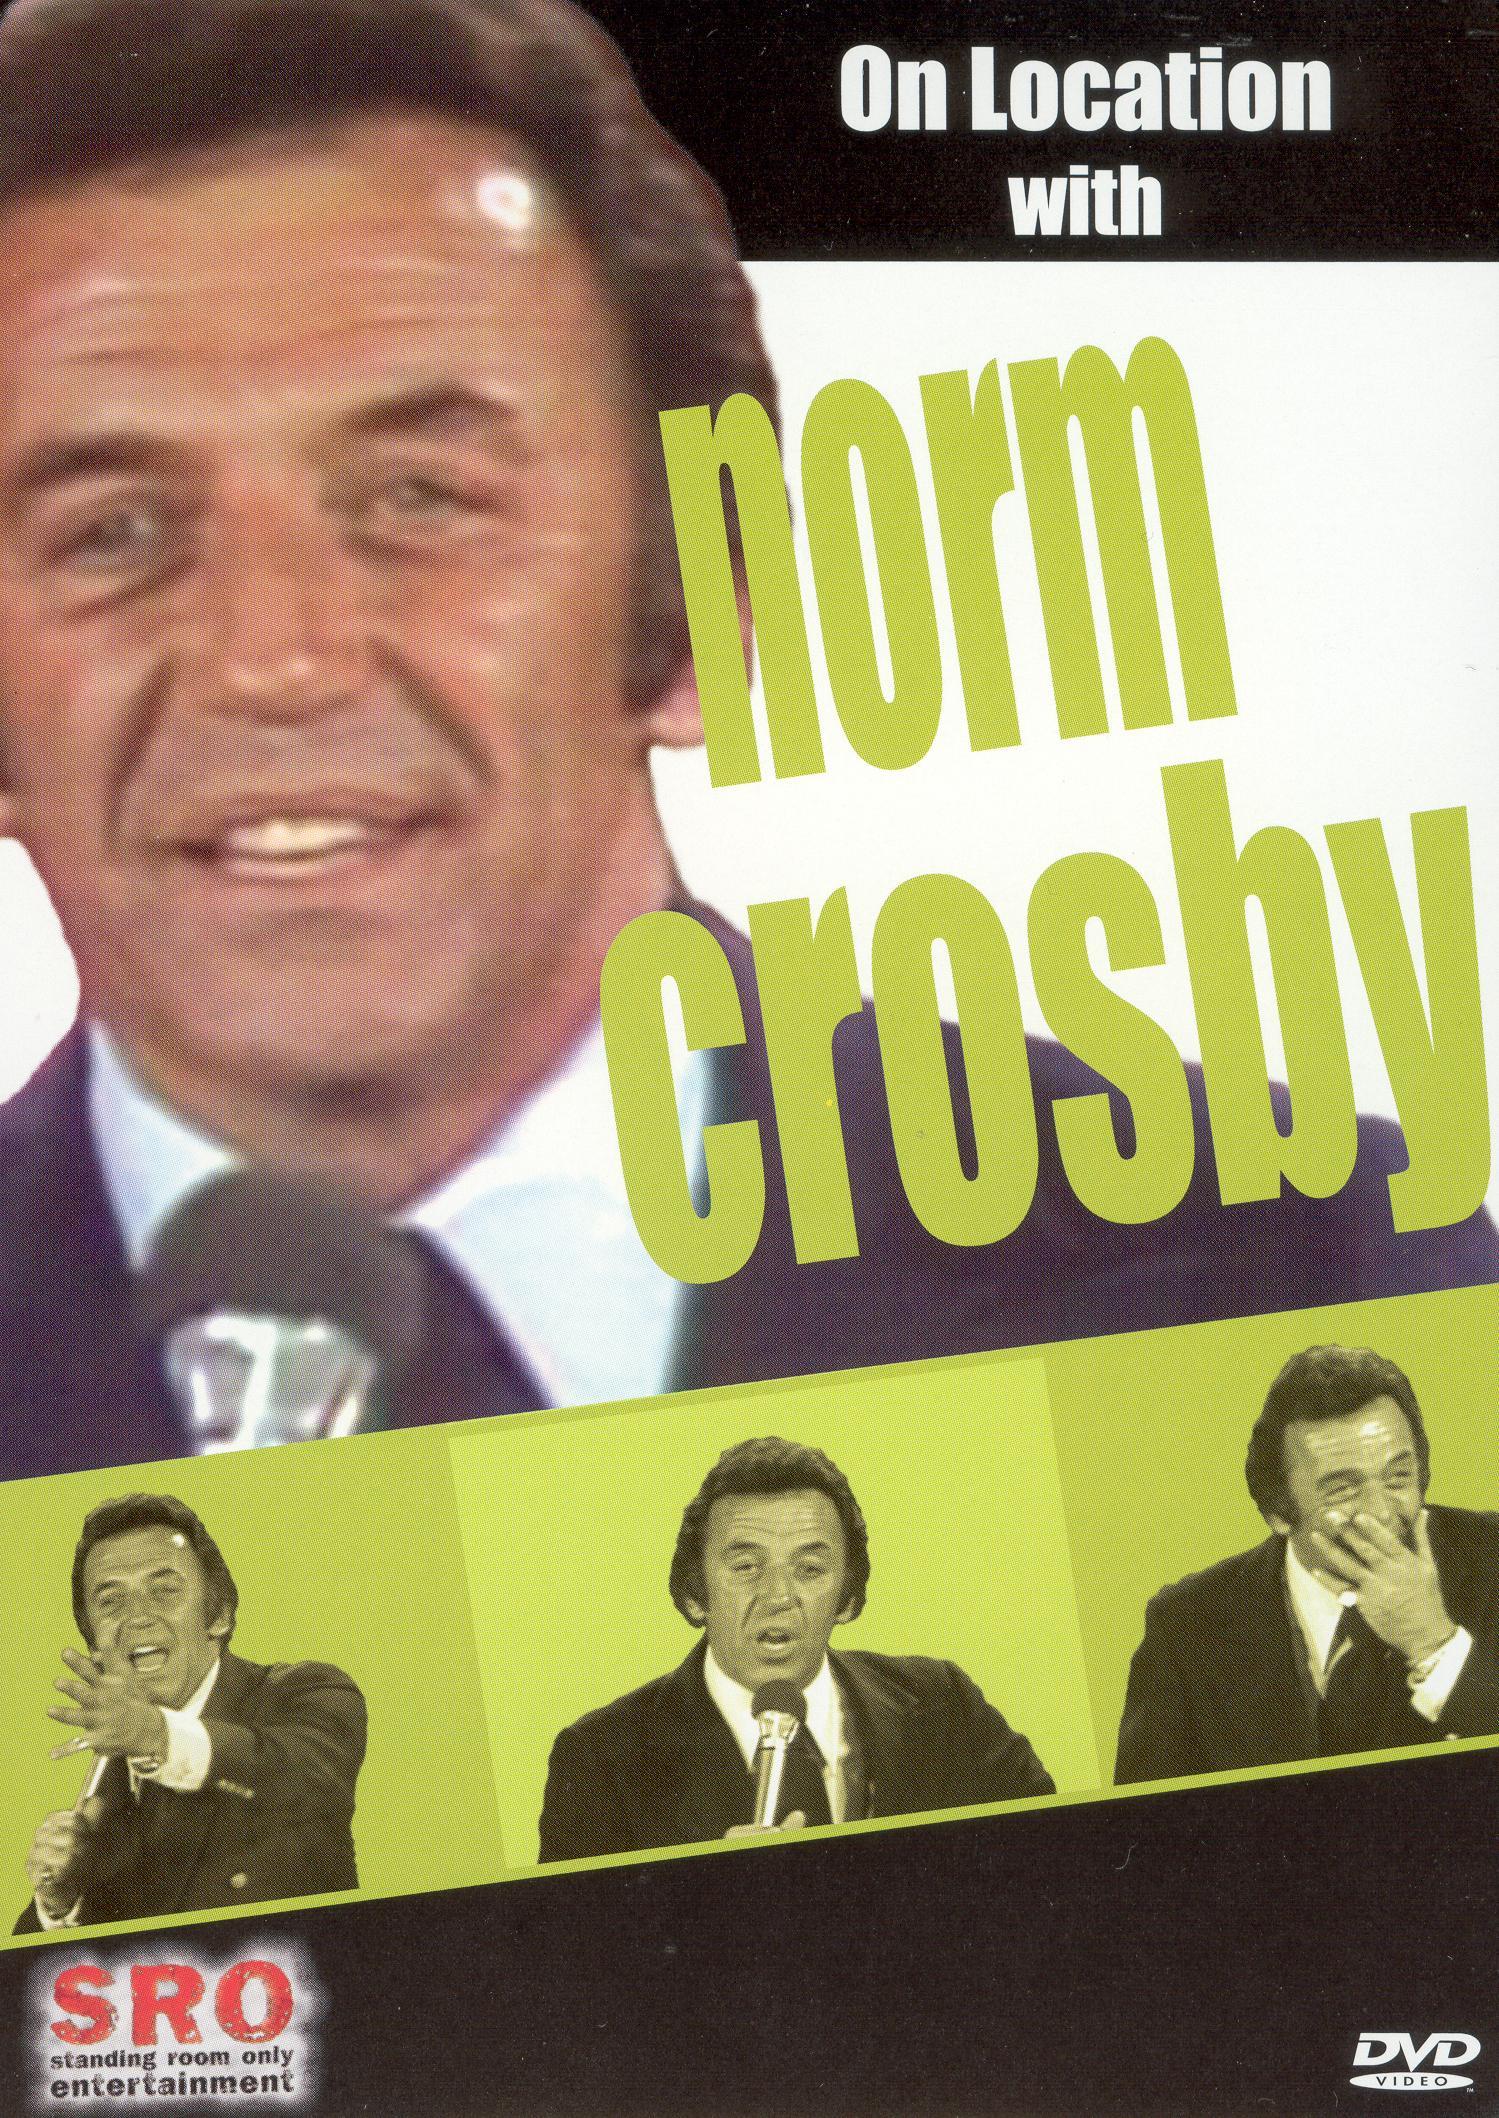 Norm Crosby: HBO Comedy Presents Norm Crosby